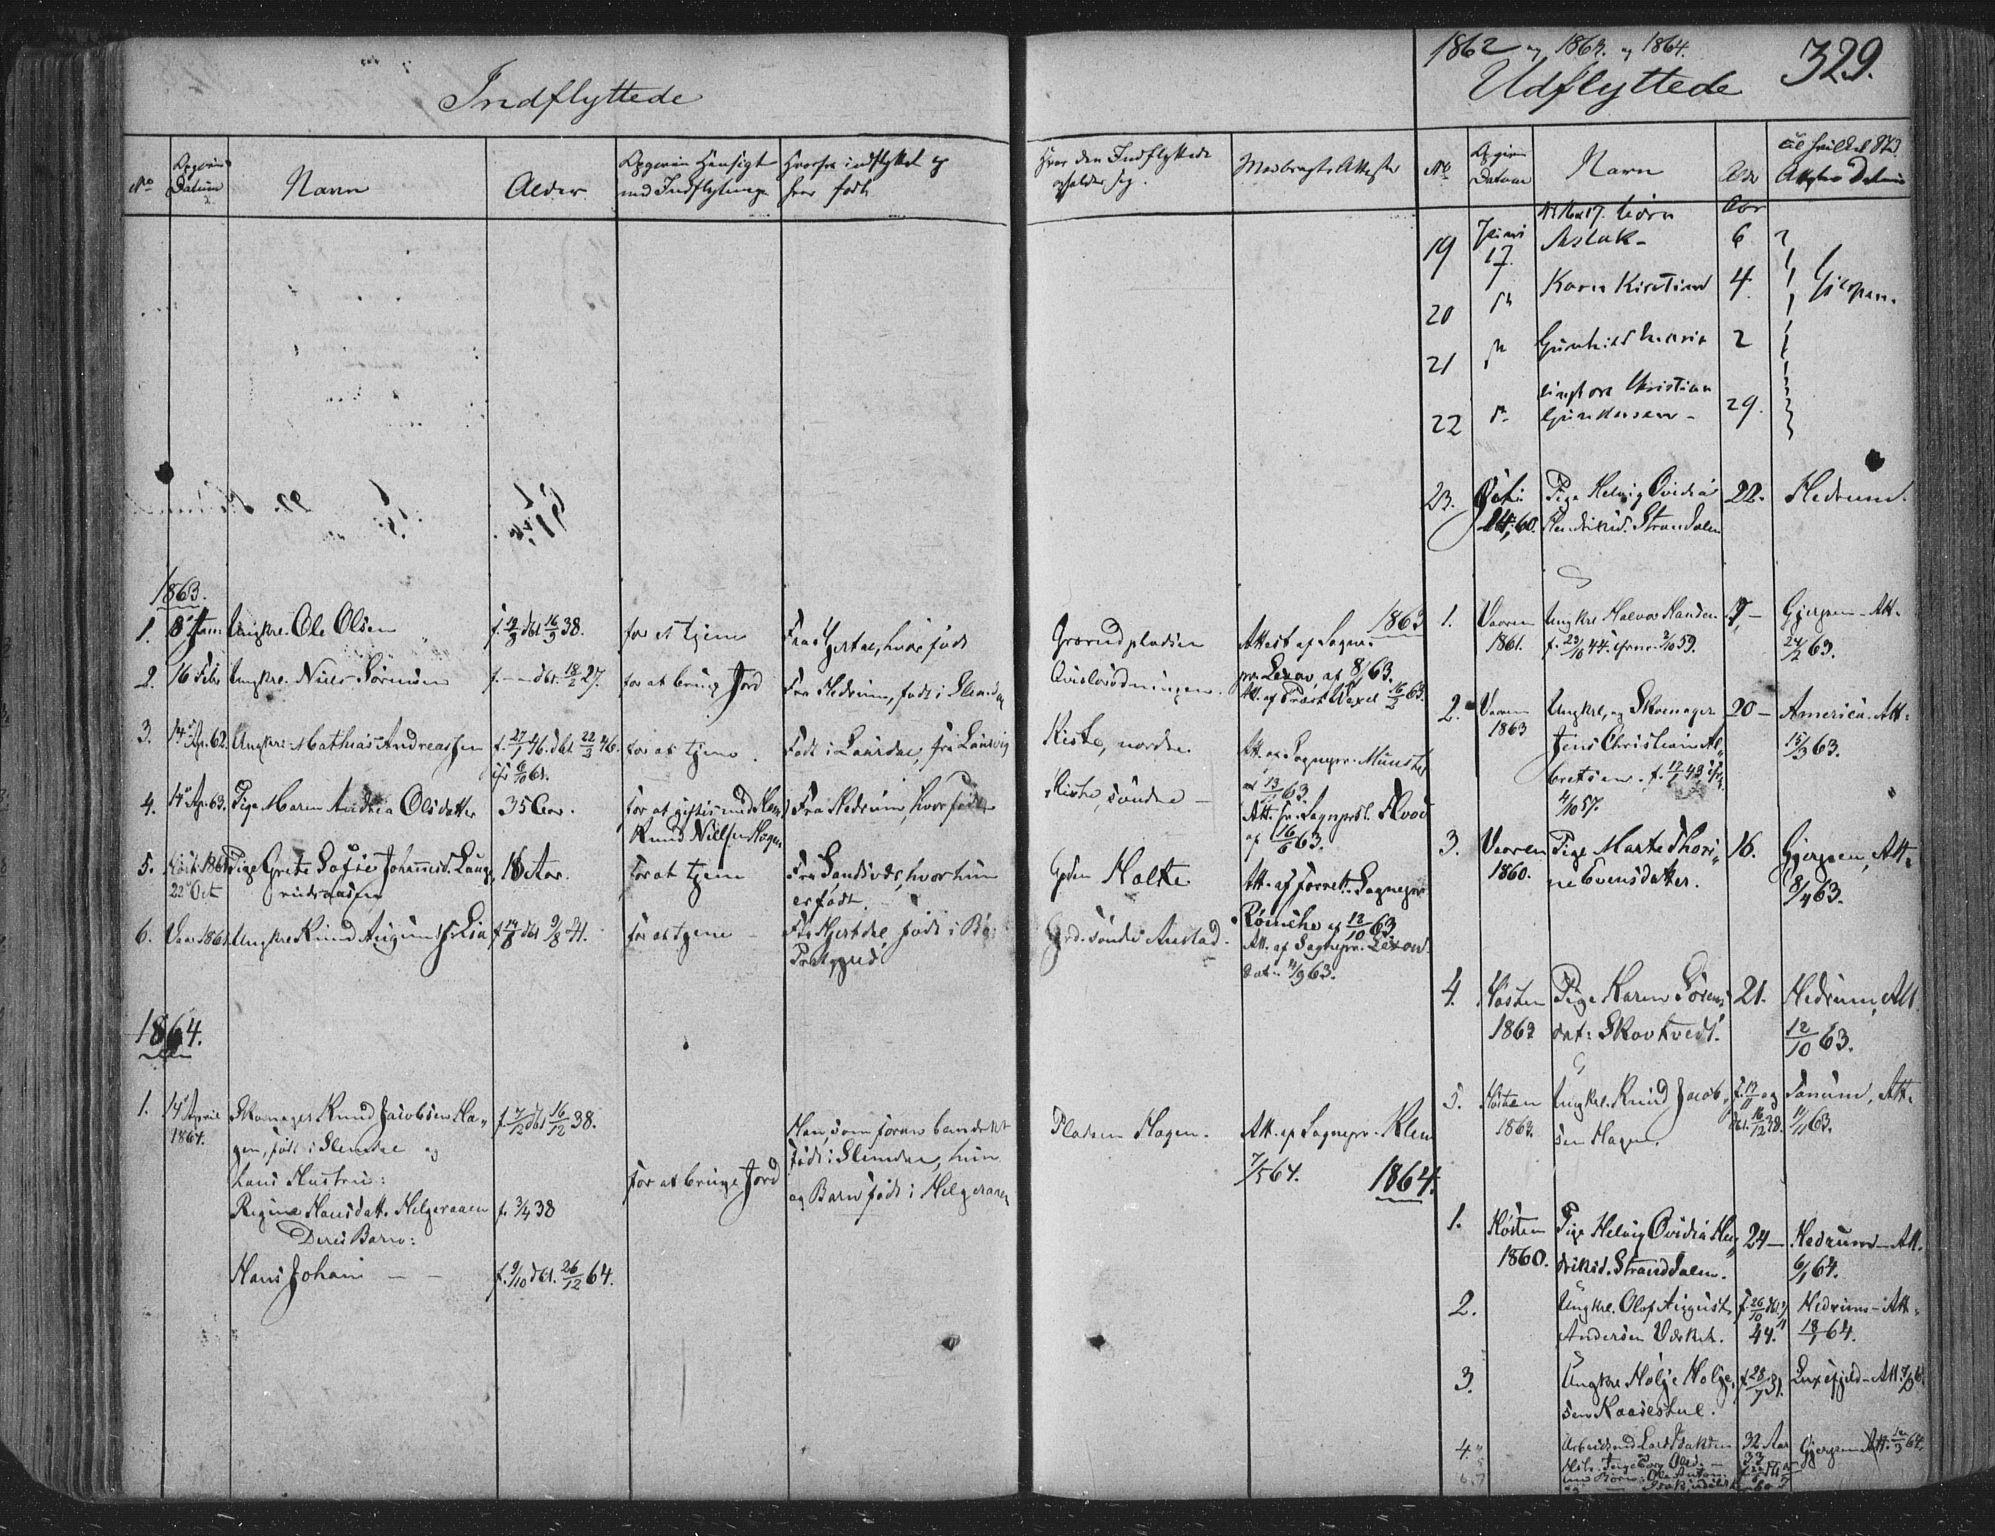 SAKO, Siljan kirkebøker, F/Fa/L0001: Ministerialbok nr. 1, 1831-1870, s. 329